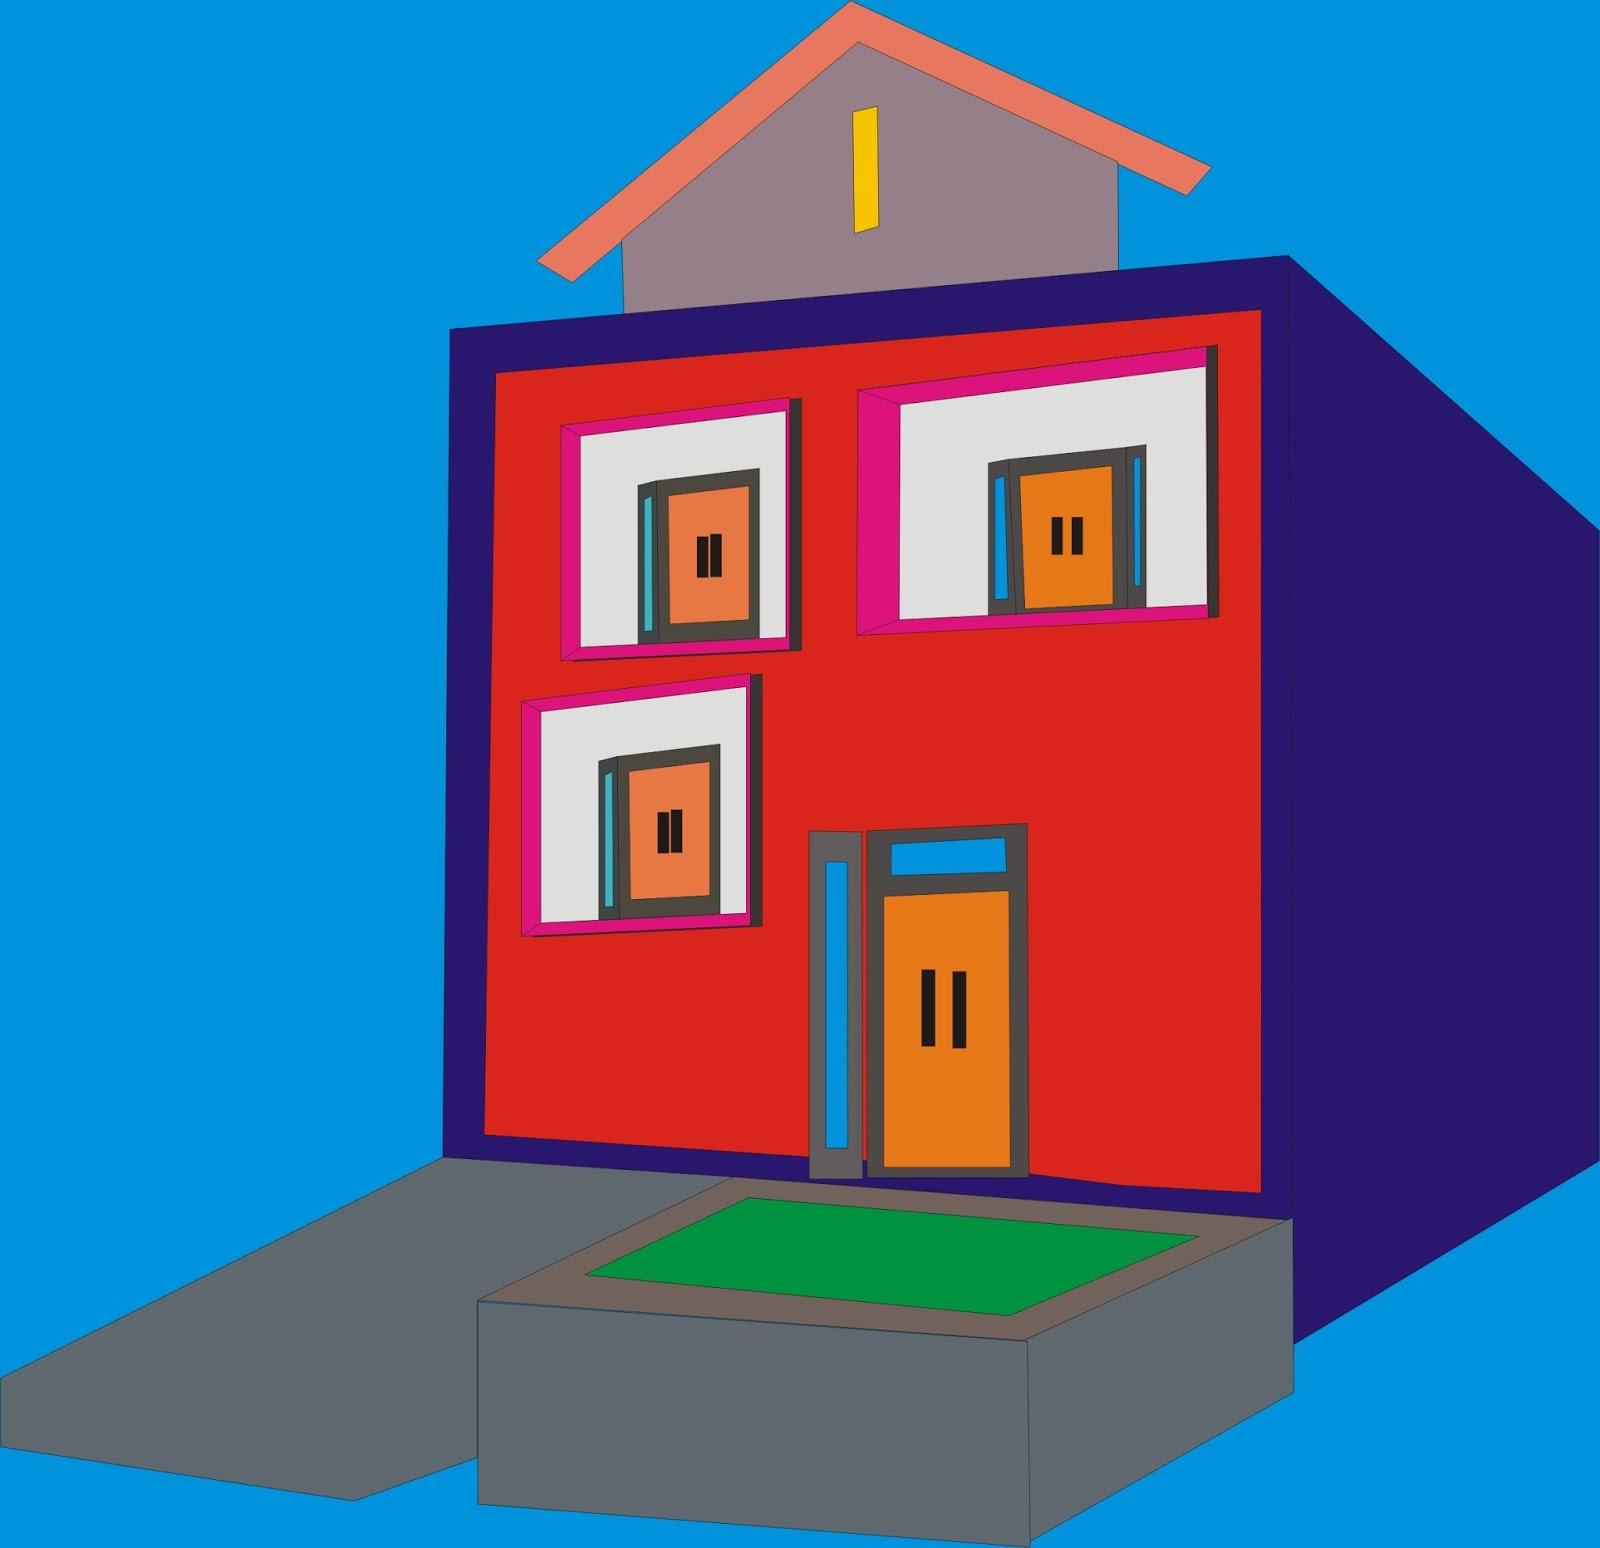 970 Koleksi Desain Rumah Minimalis Coreldraw Terbaru